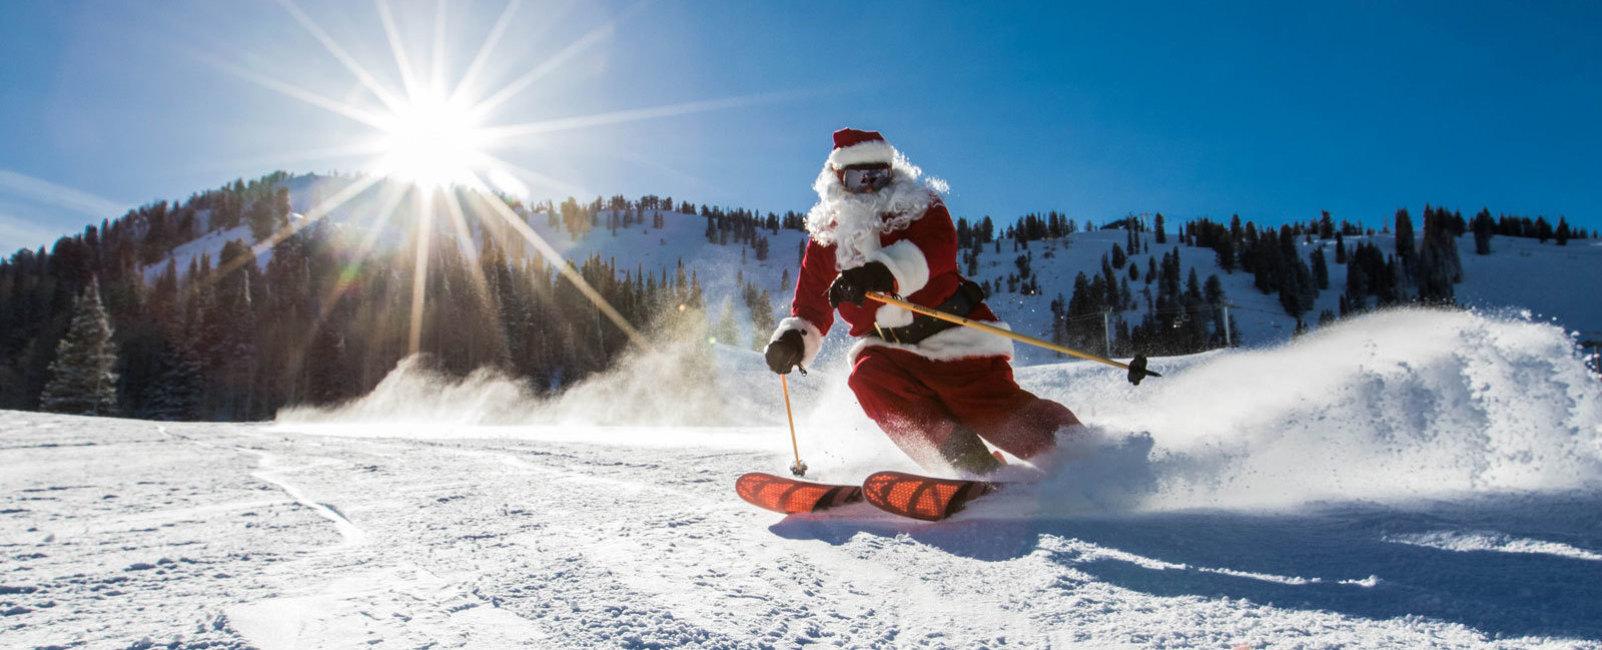 Tis the Season: Santa on the Slopes